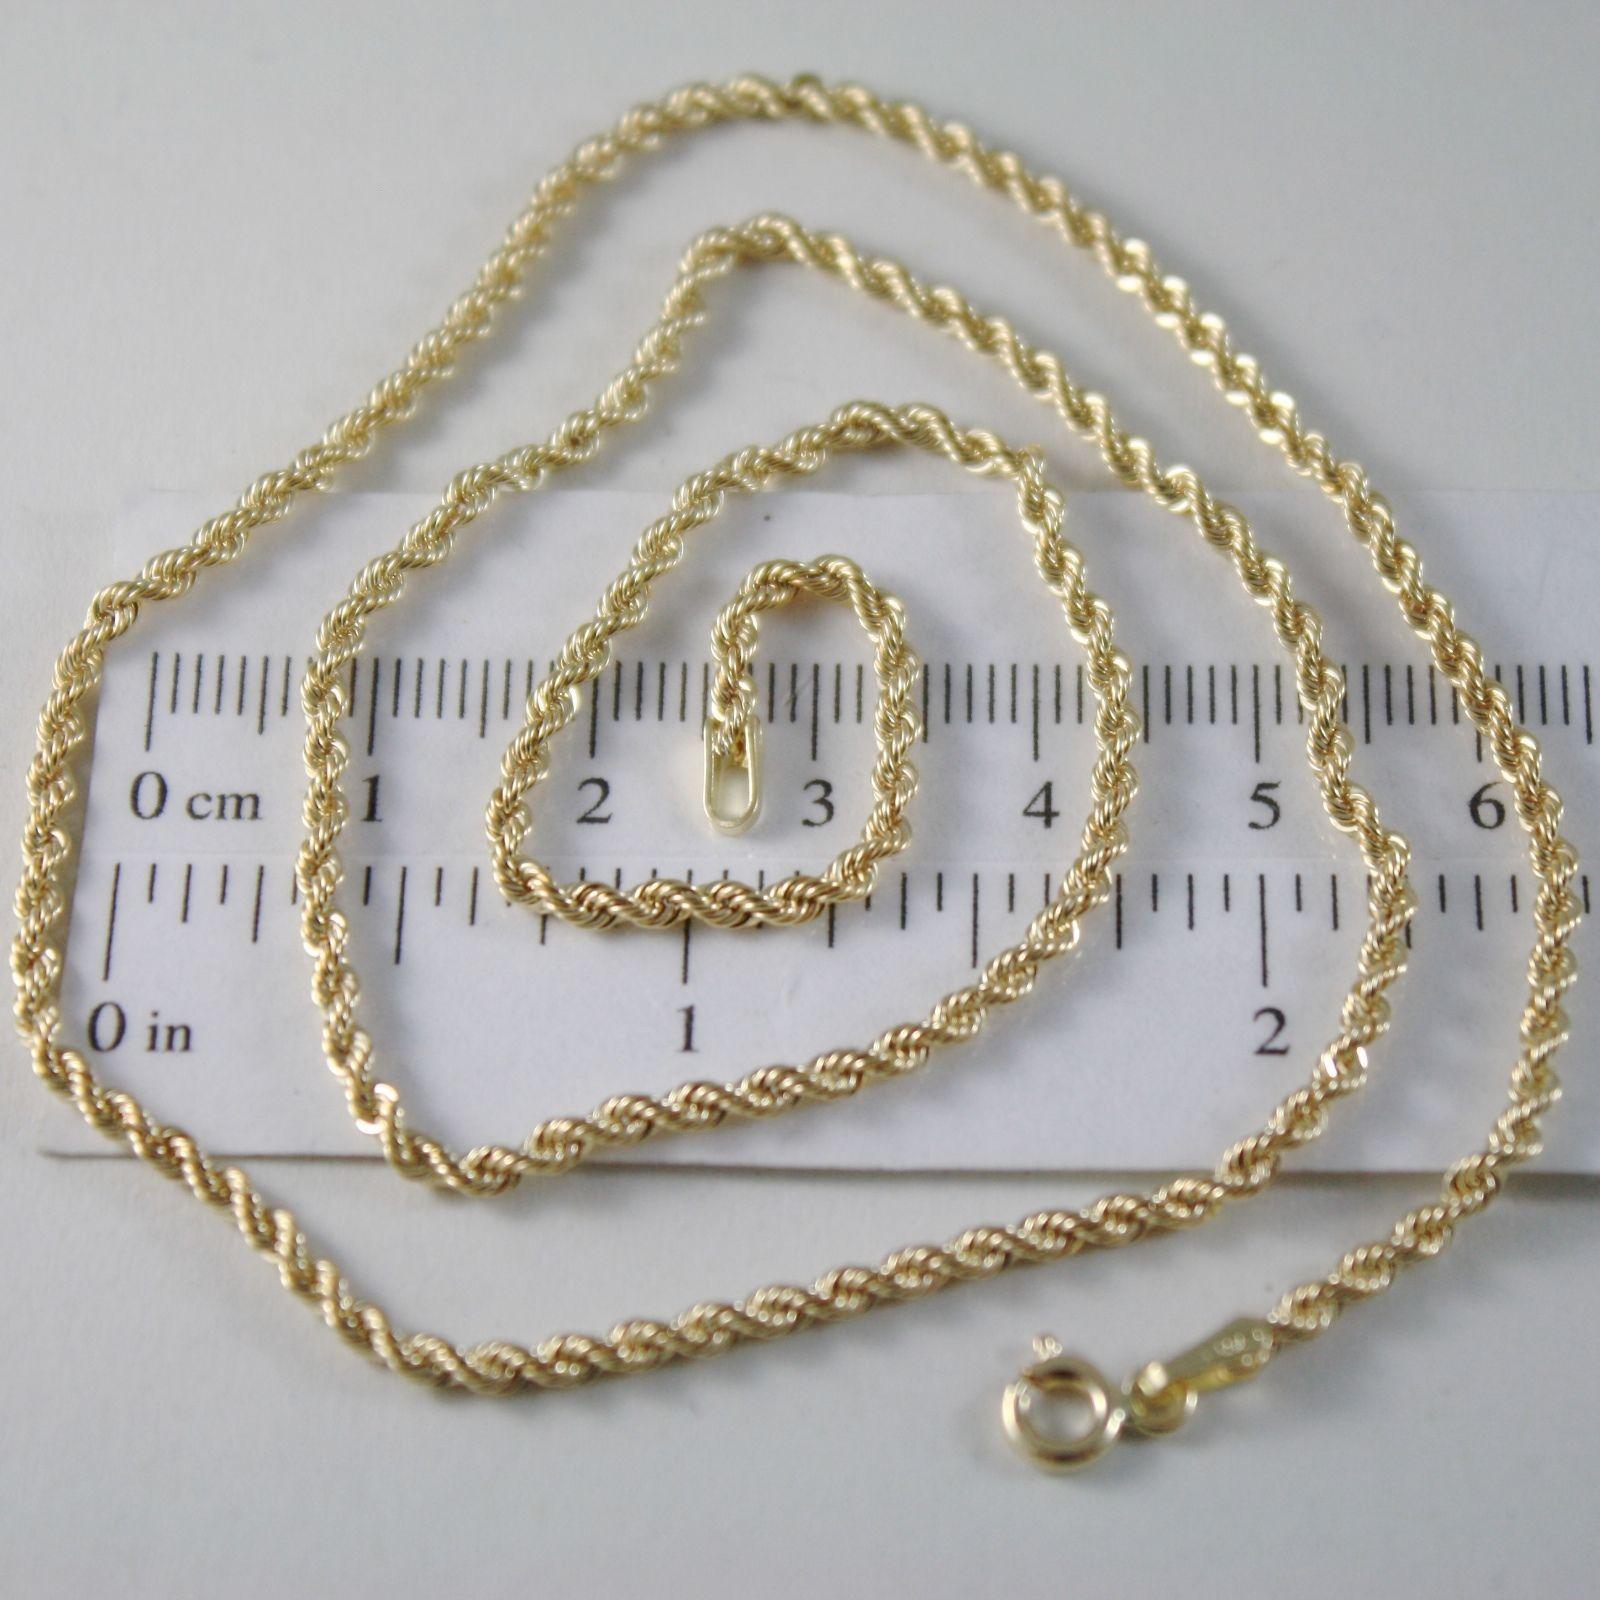 Catena a corda intrecciata in oro 18kt giallo lunga 40 45 50 60 cm spessa 2,5 mm